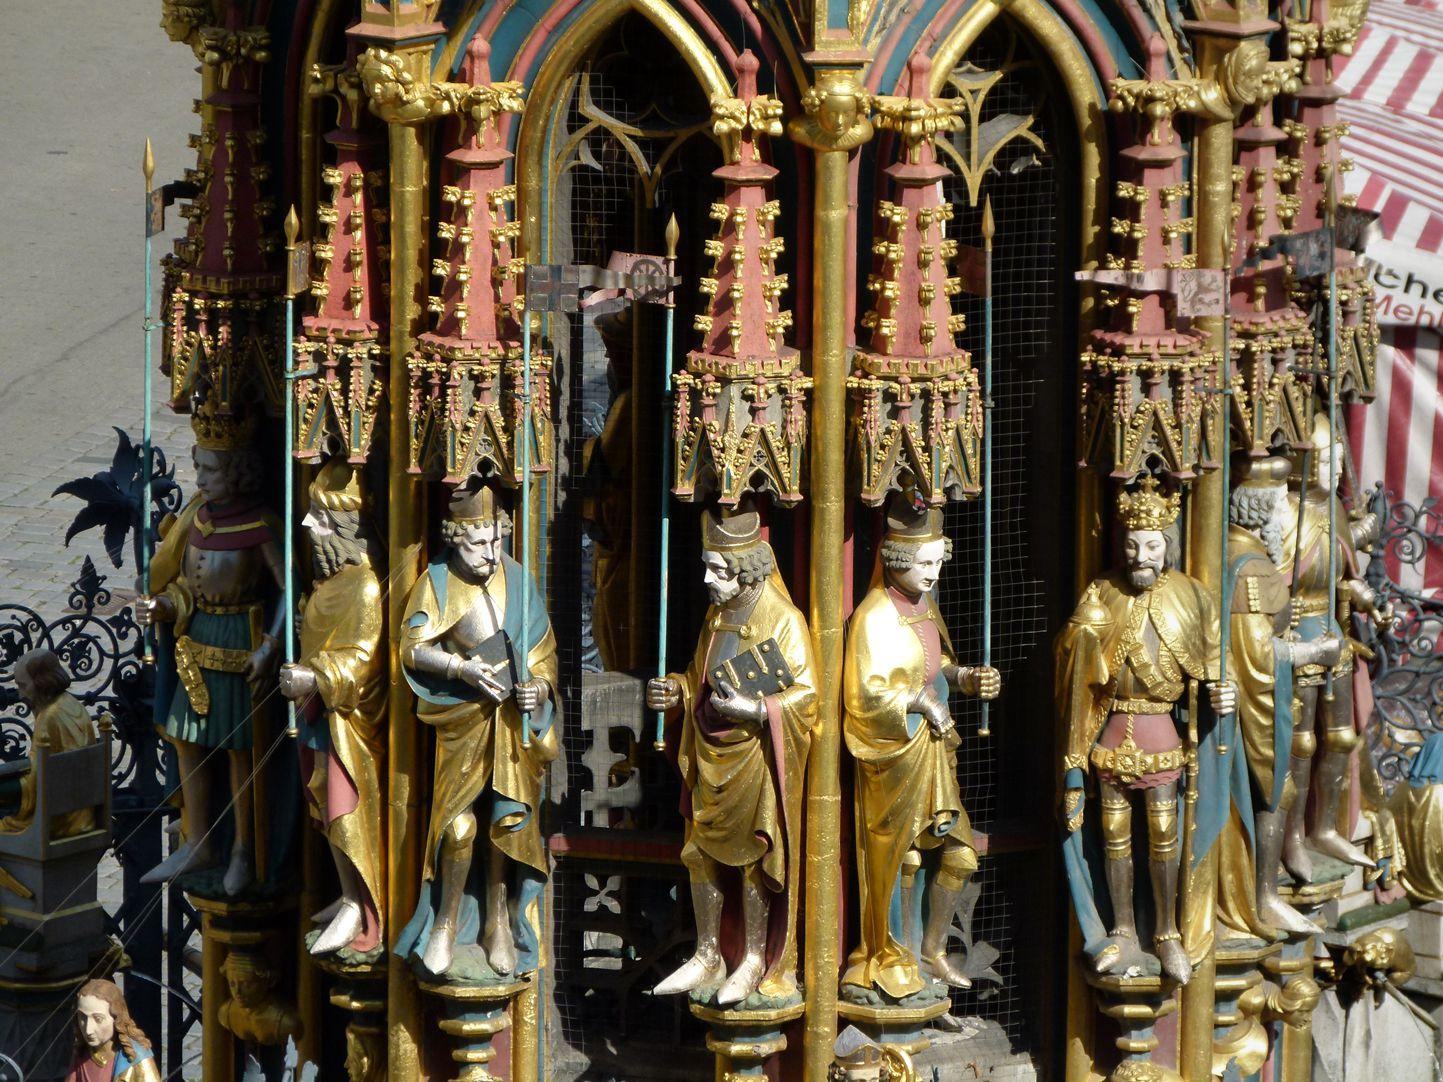 Schöner Brunnen Hauptgeschoss mit den Neun Guten Helden und den Sieben Kurfürsten